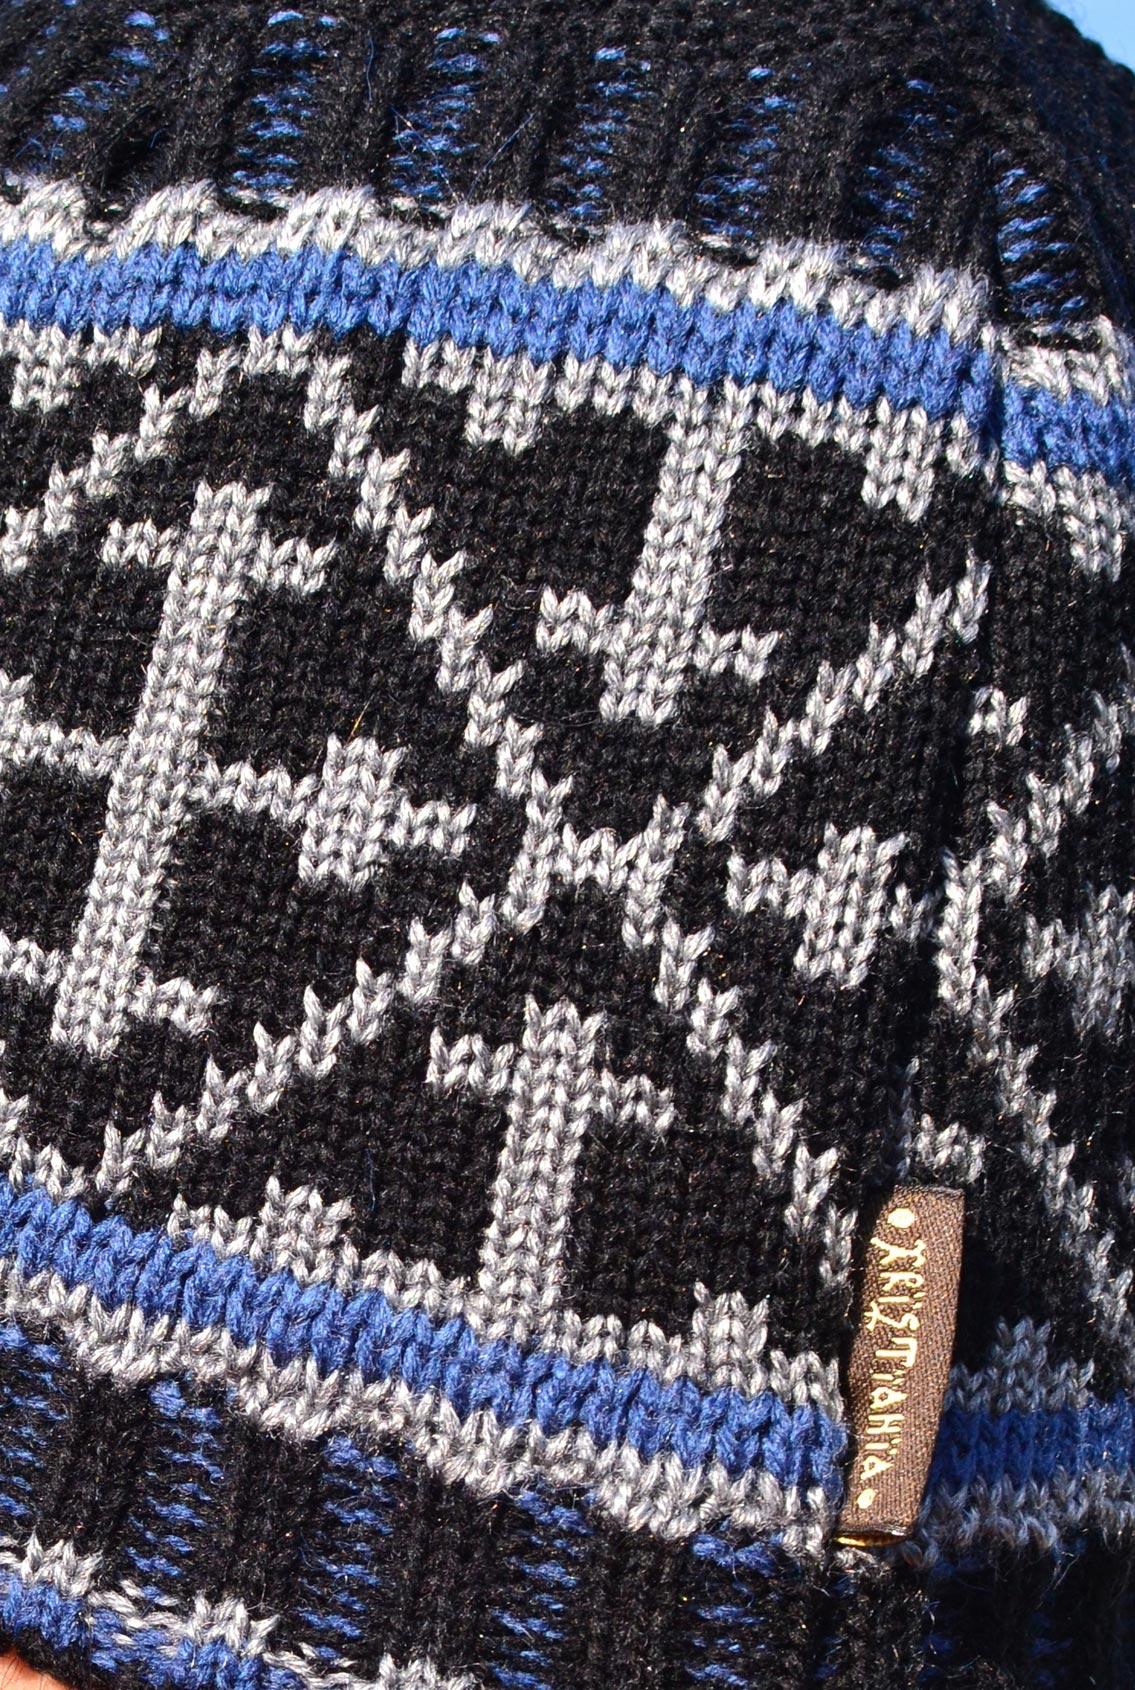 шапка с крестом для женщин, hat with a cross for women